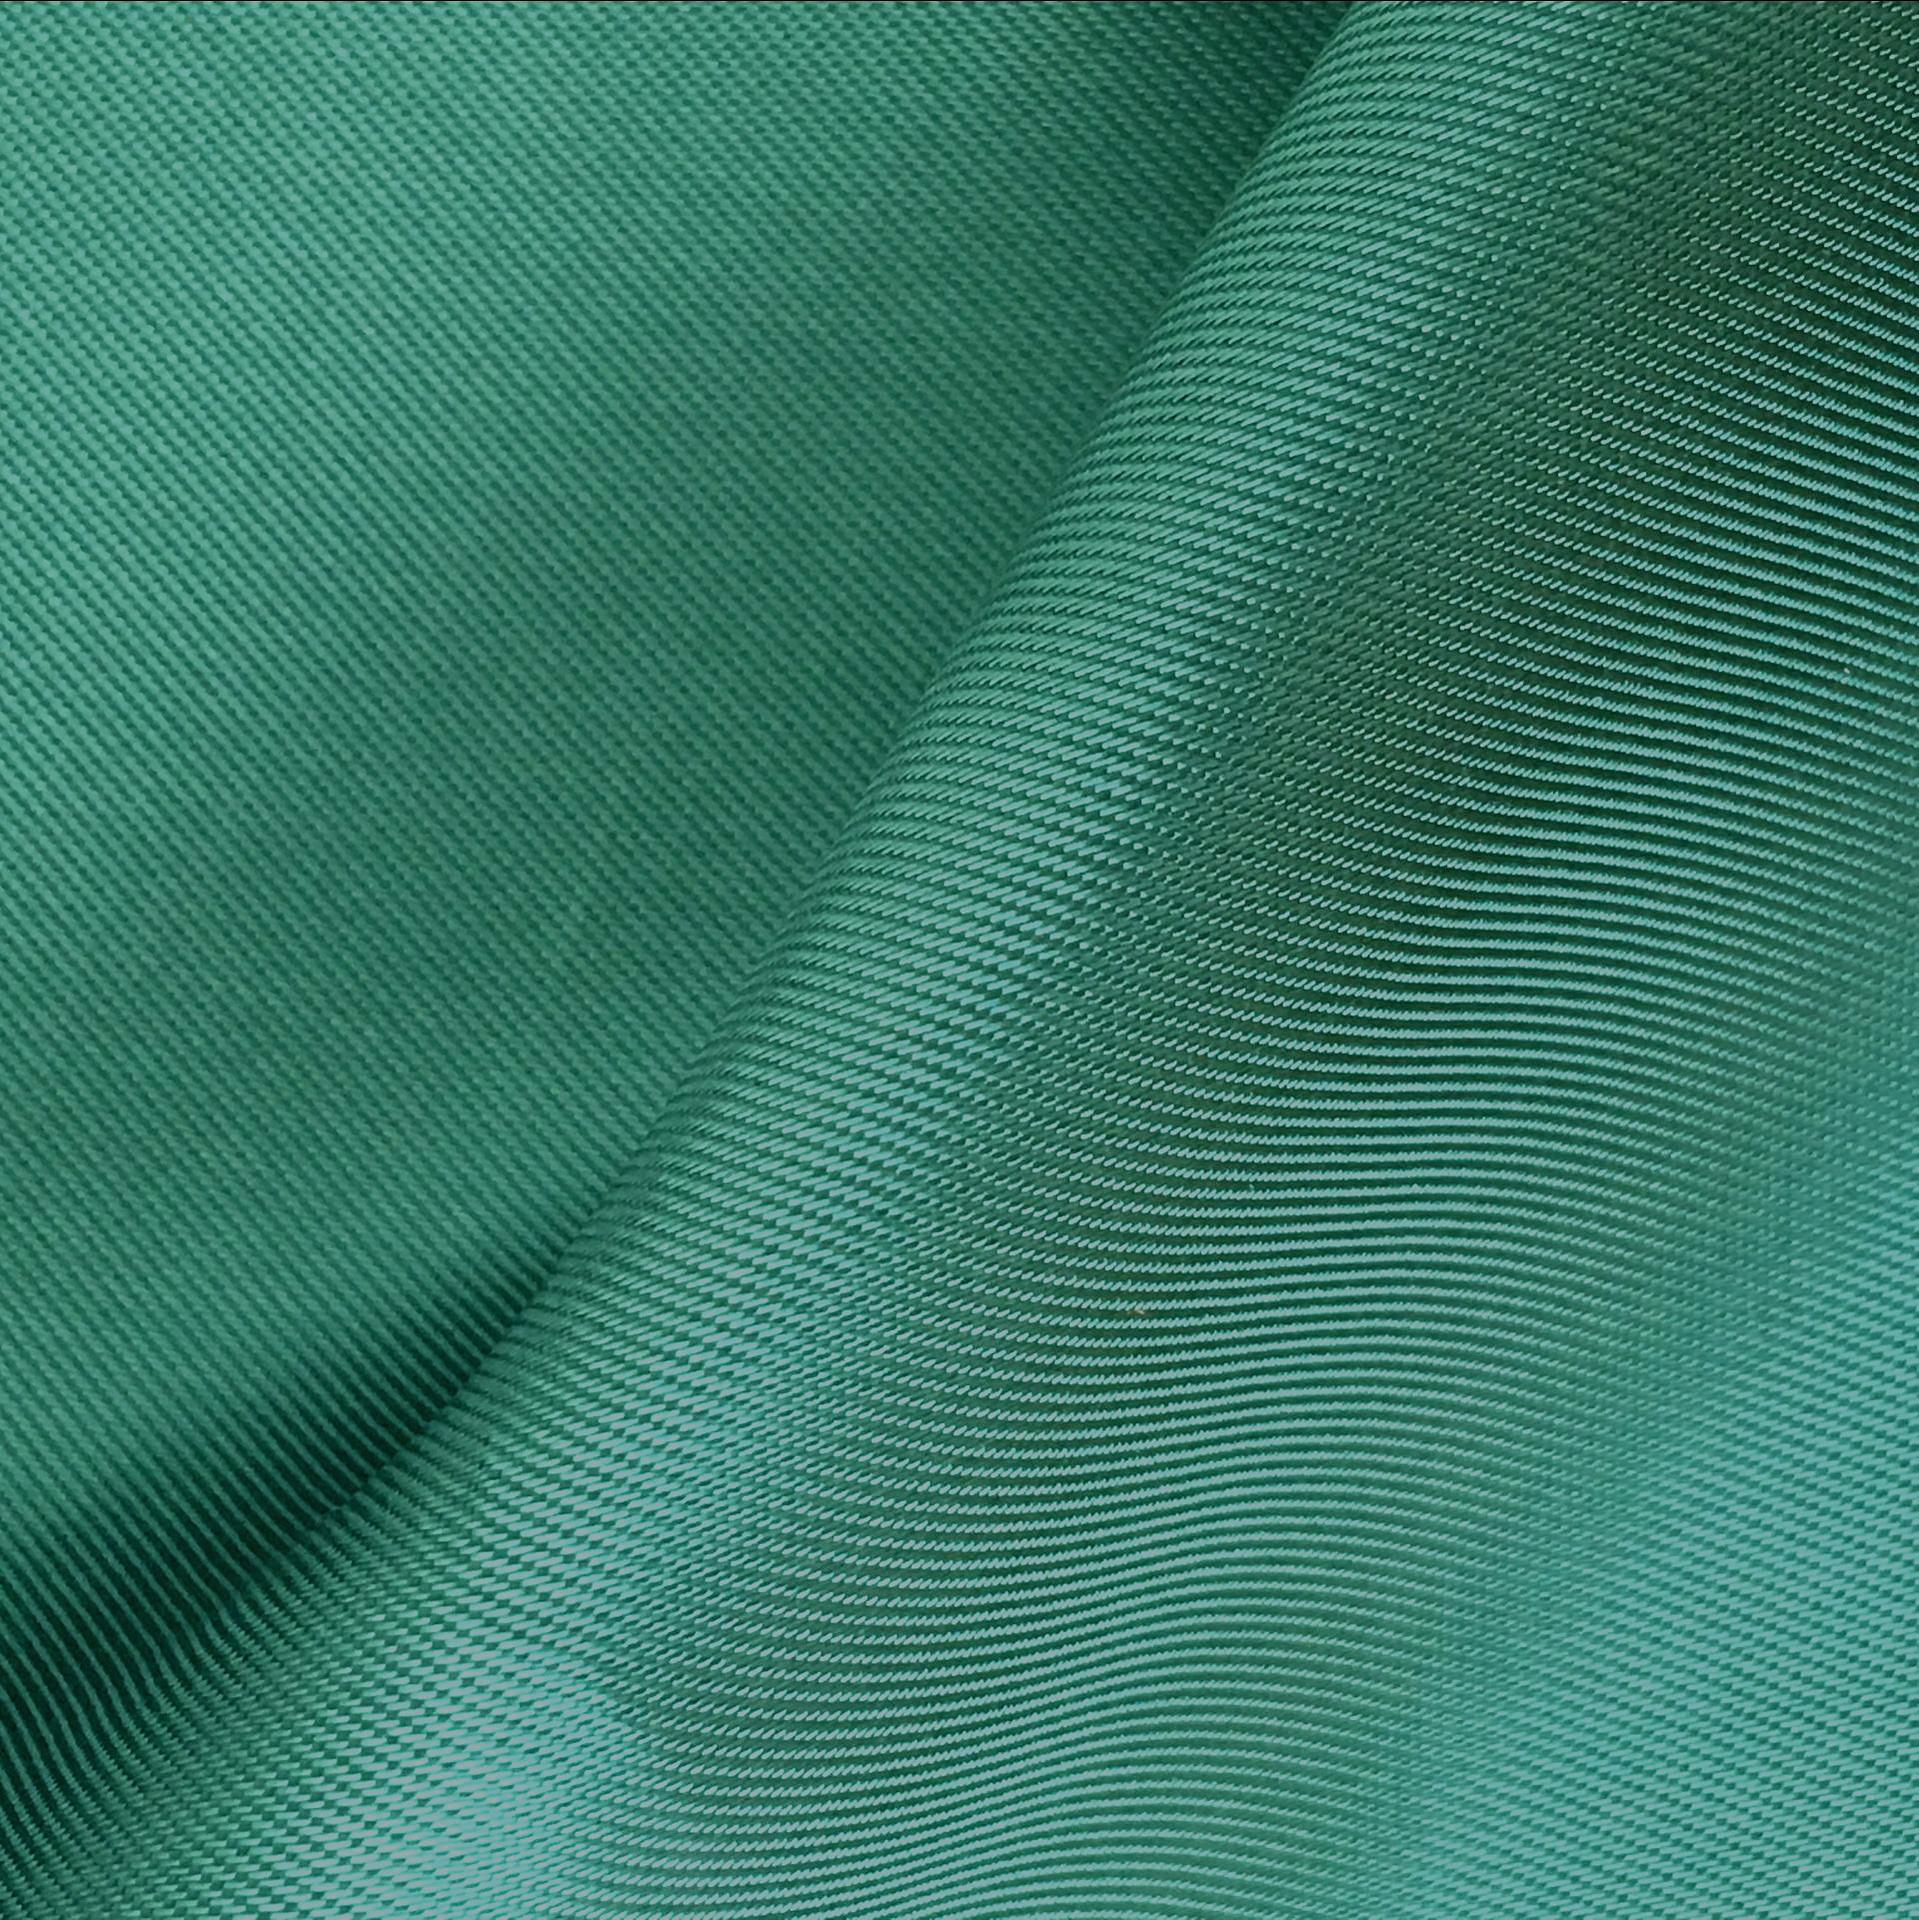 Vải Visco (Rayon) Vải lụa tinh khiết twill vải cotton viscose lót